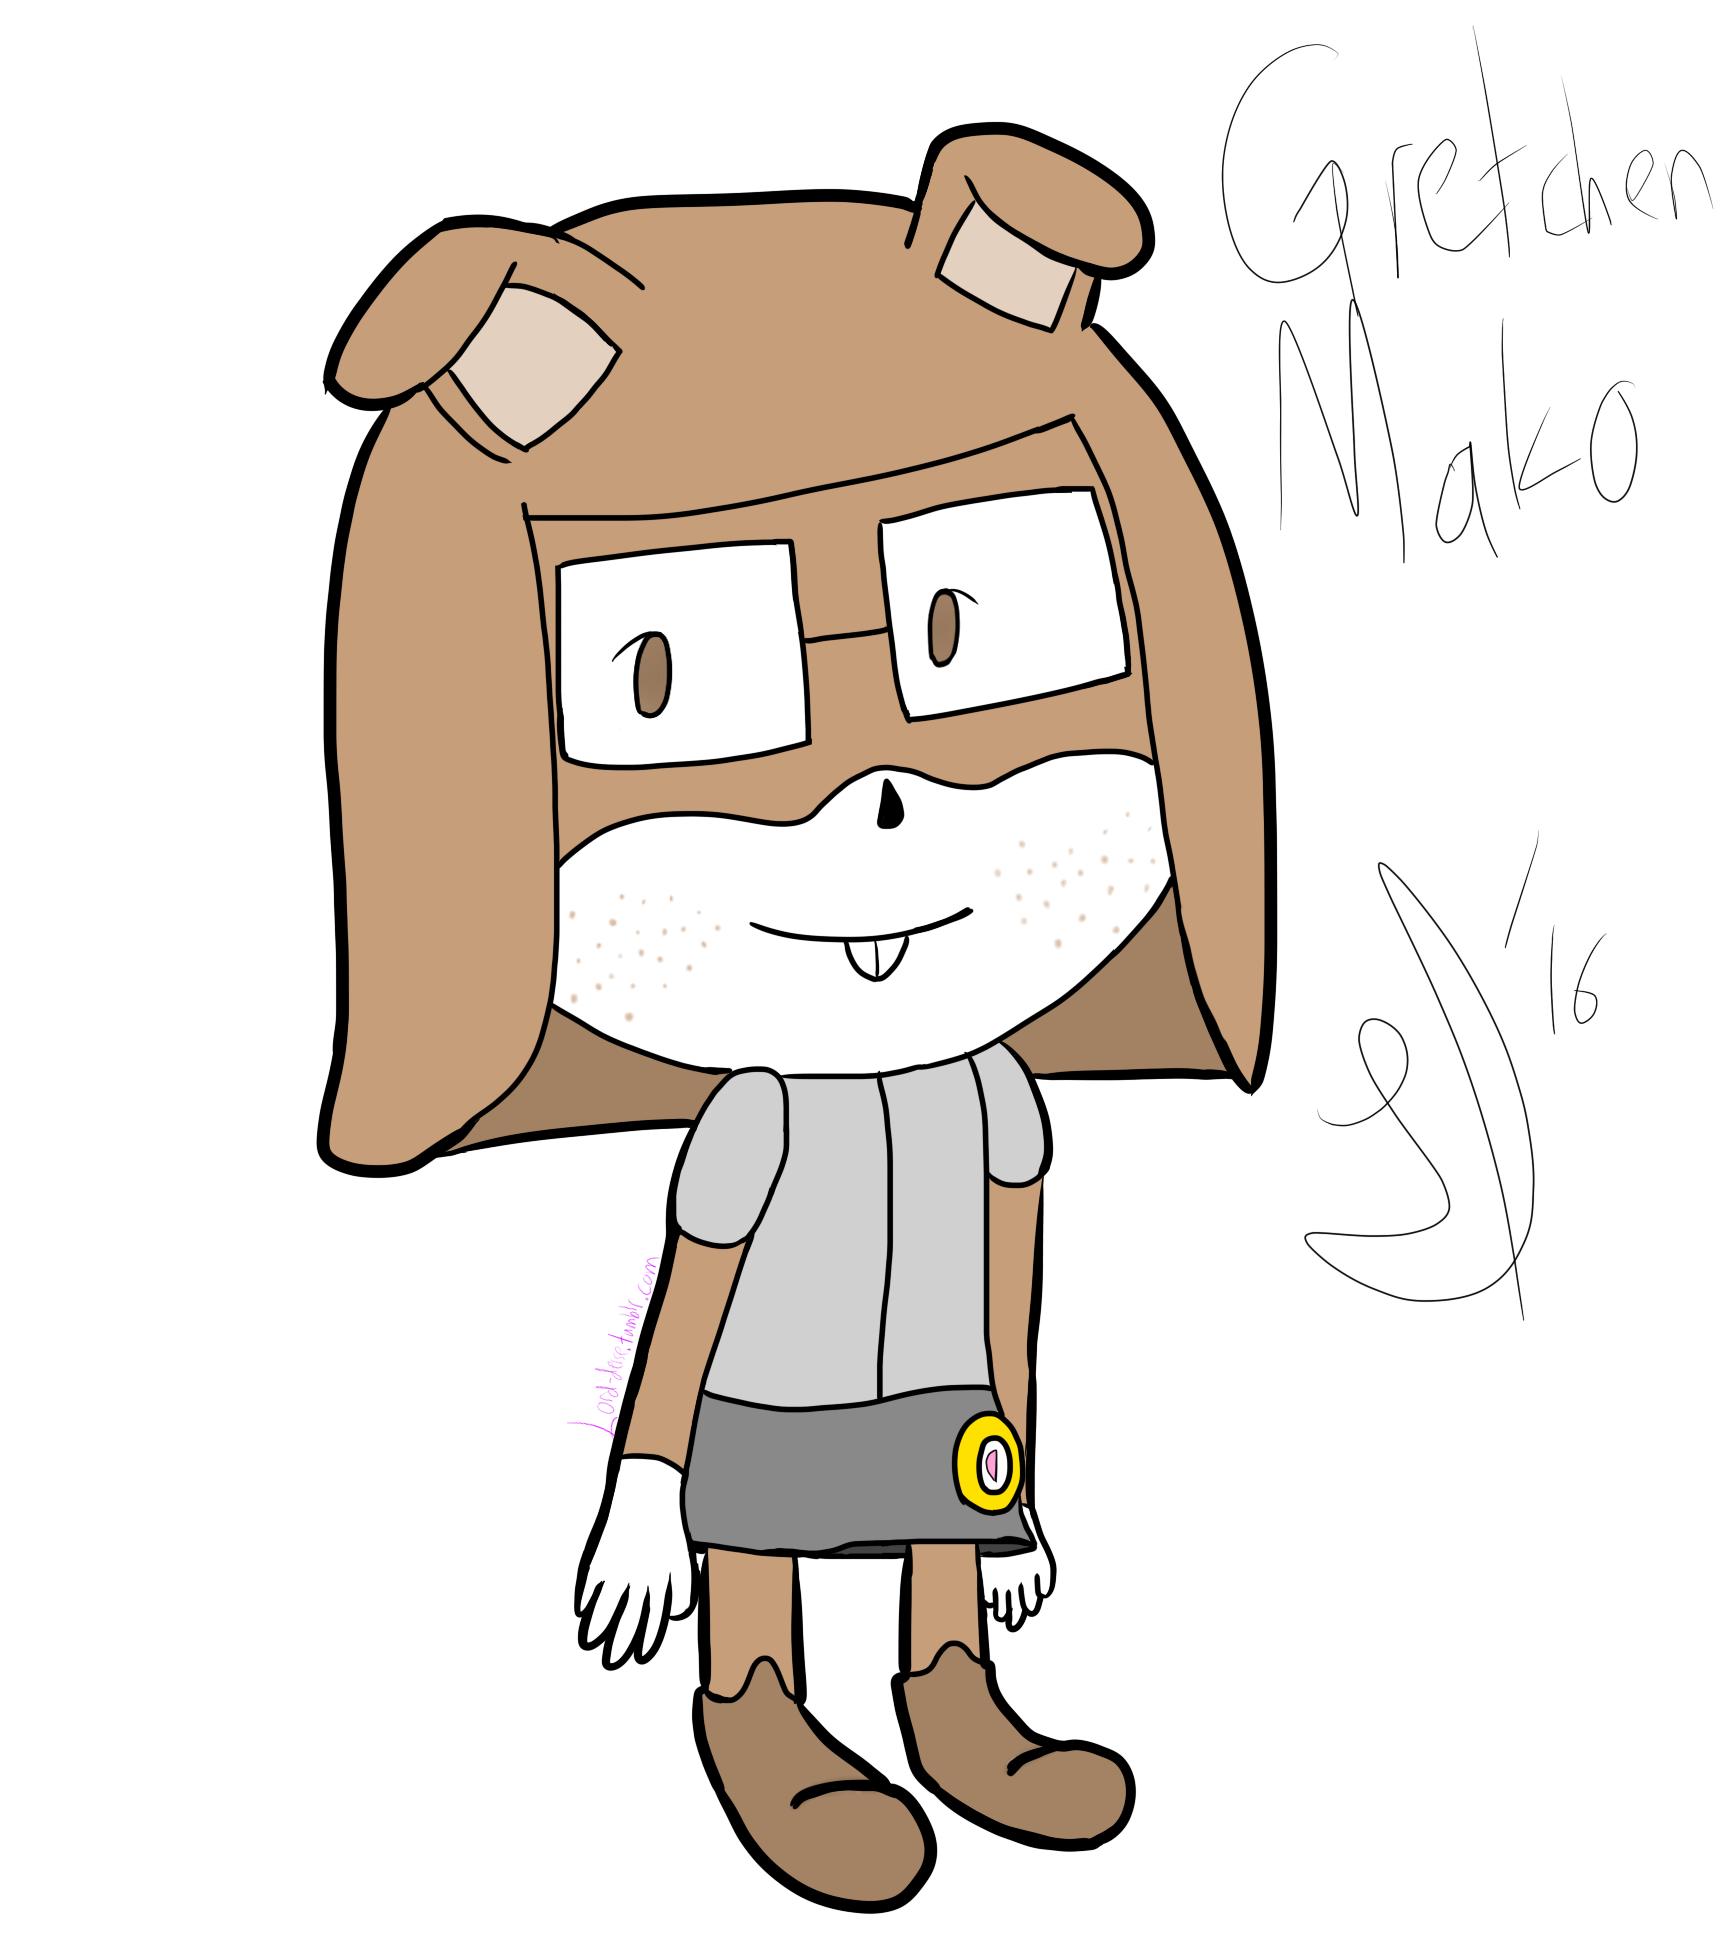 Gretchen Mako